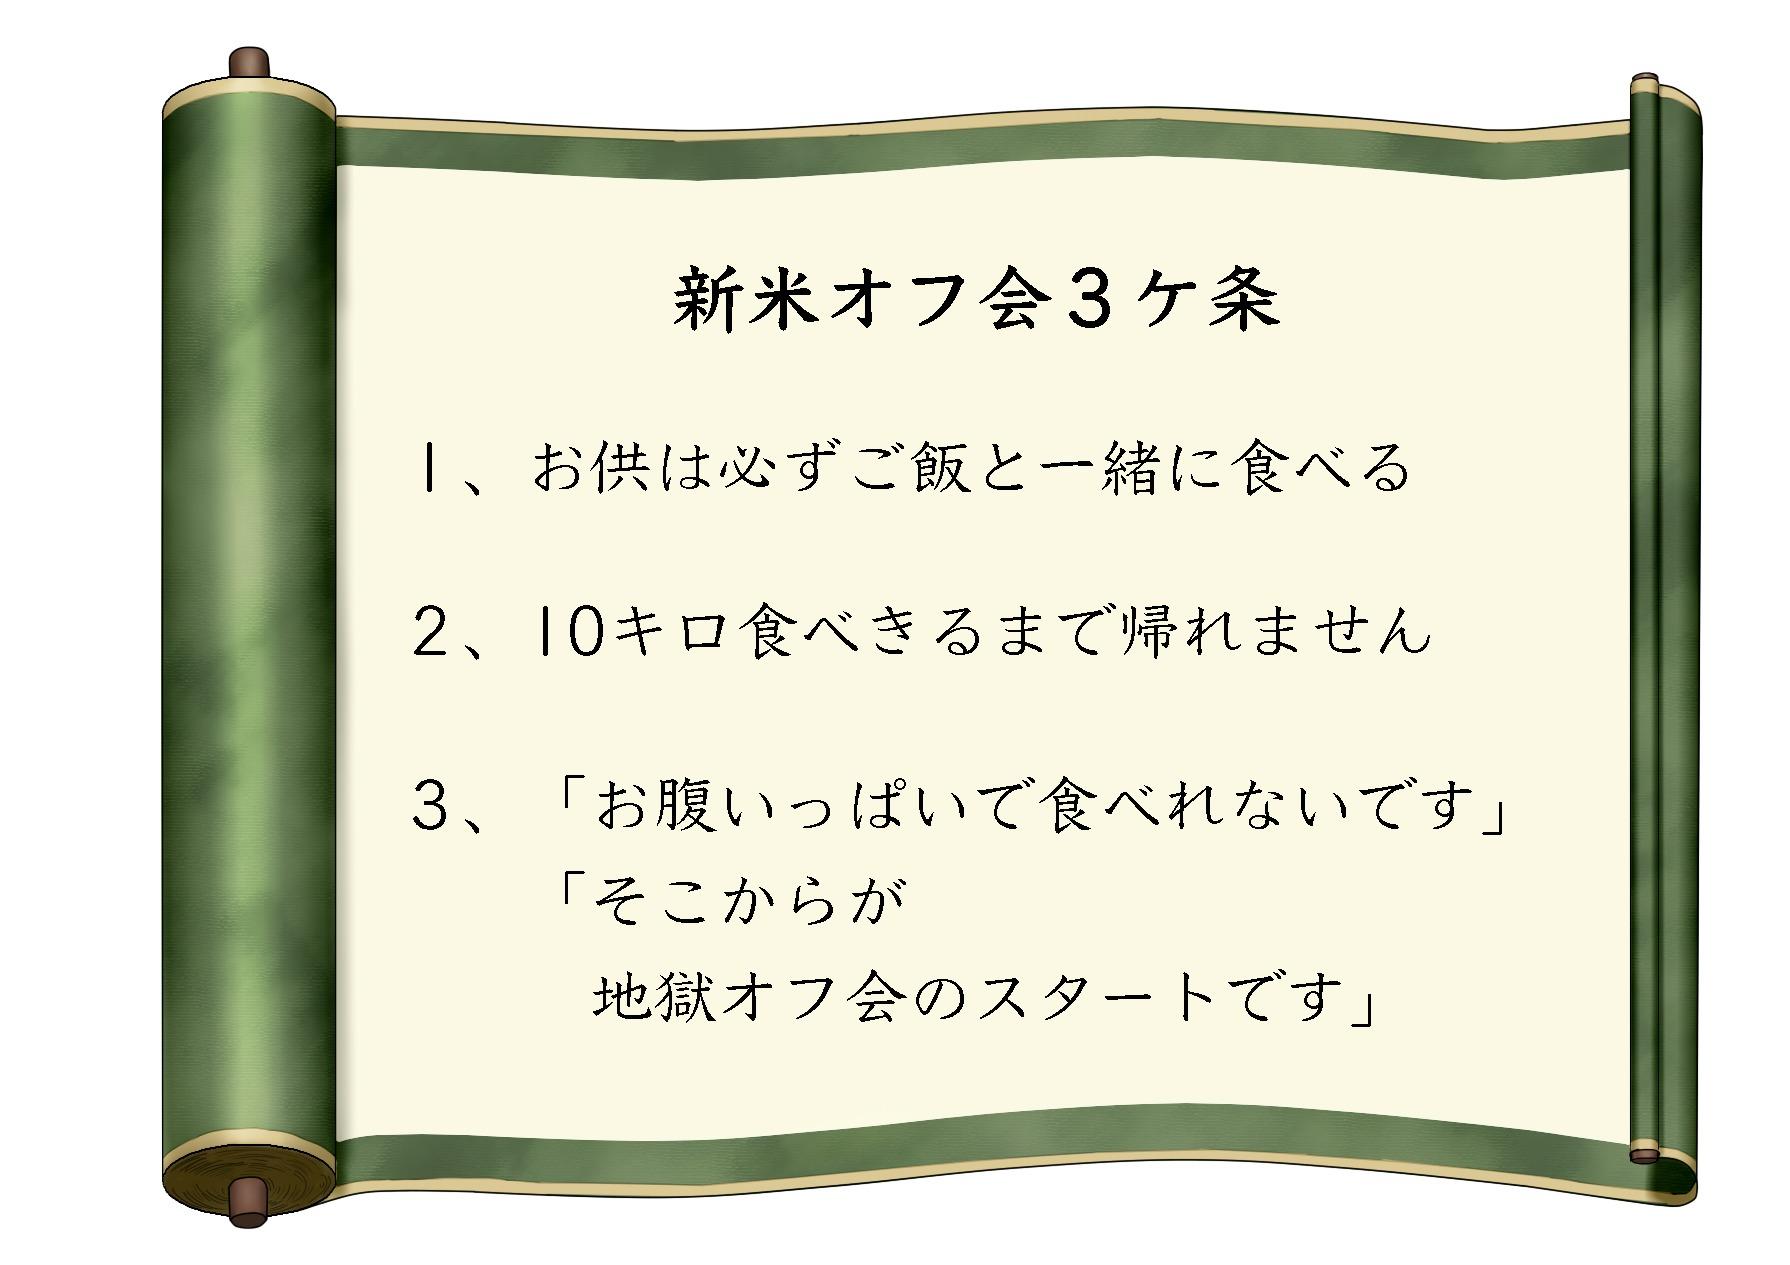 【新米オフ会前日】「新米オフ会3ケ条」s発表